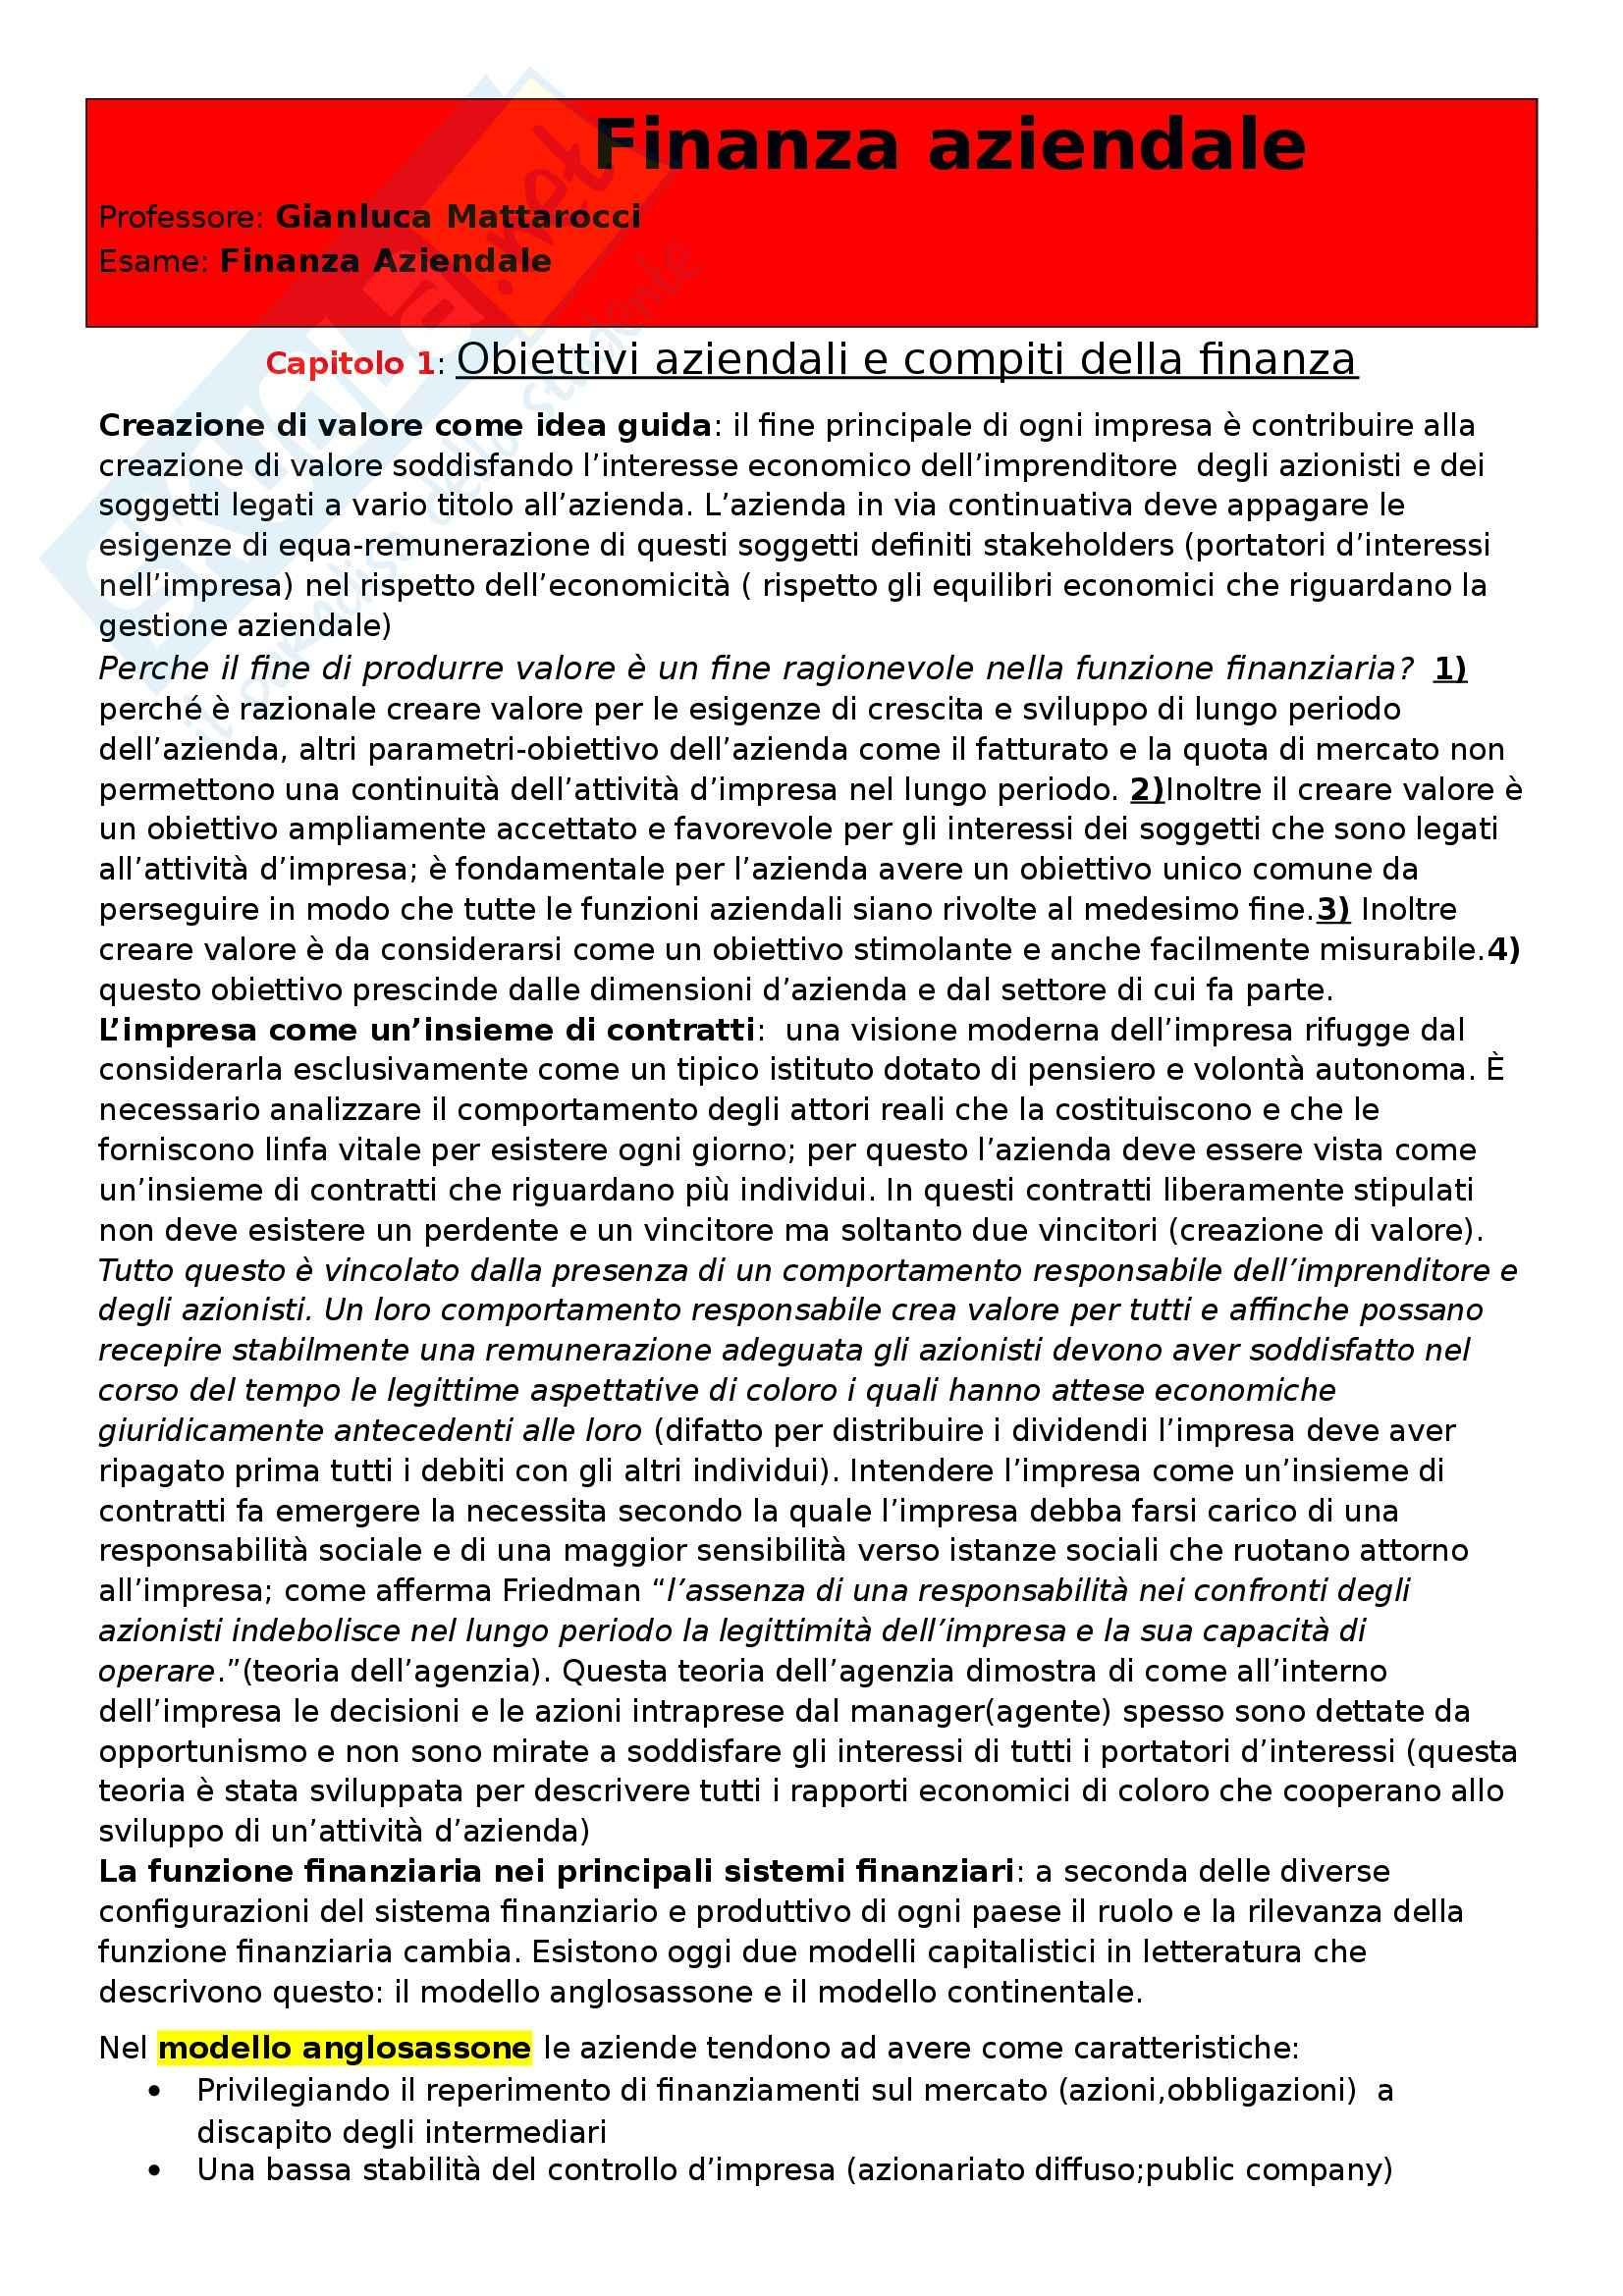 Riassunto esame Finanza Aziendale, prof. Mattarocci, libro consigliato Finanza Aziendale di Dall'Occhio e Salvi